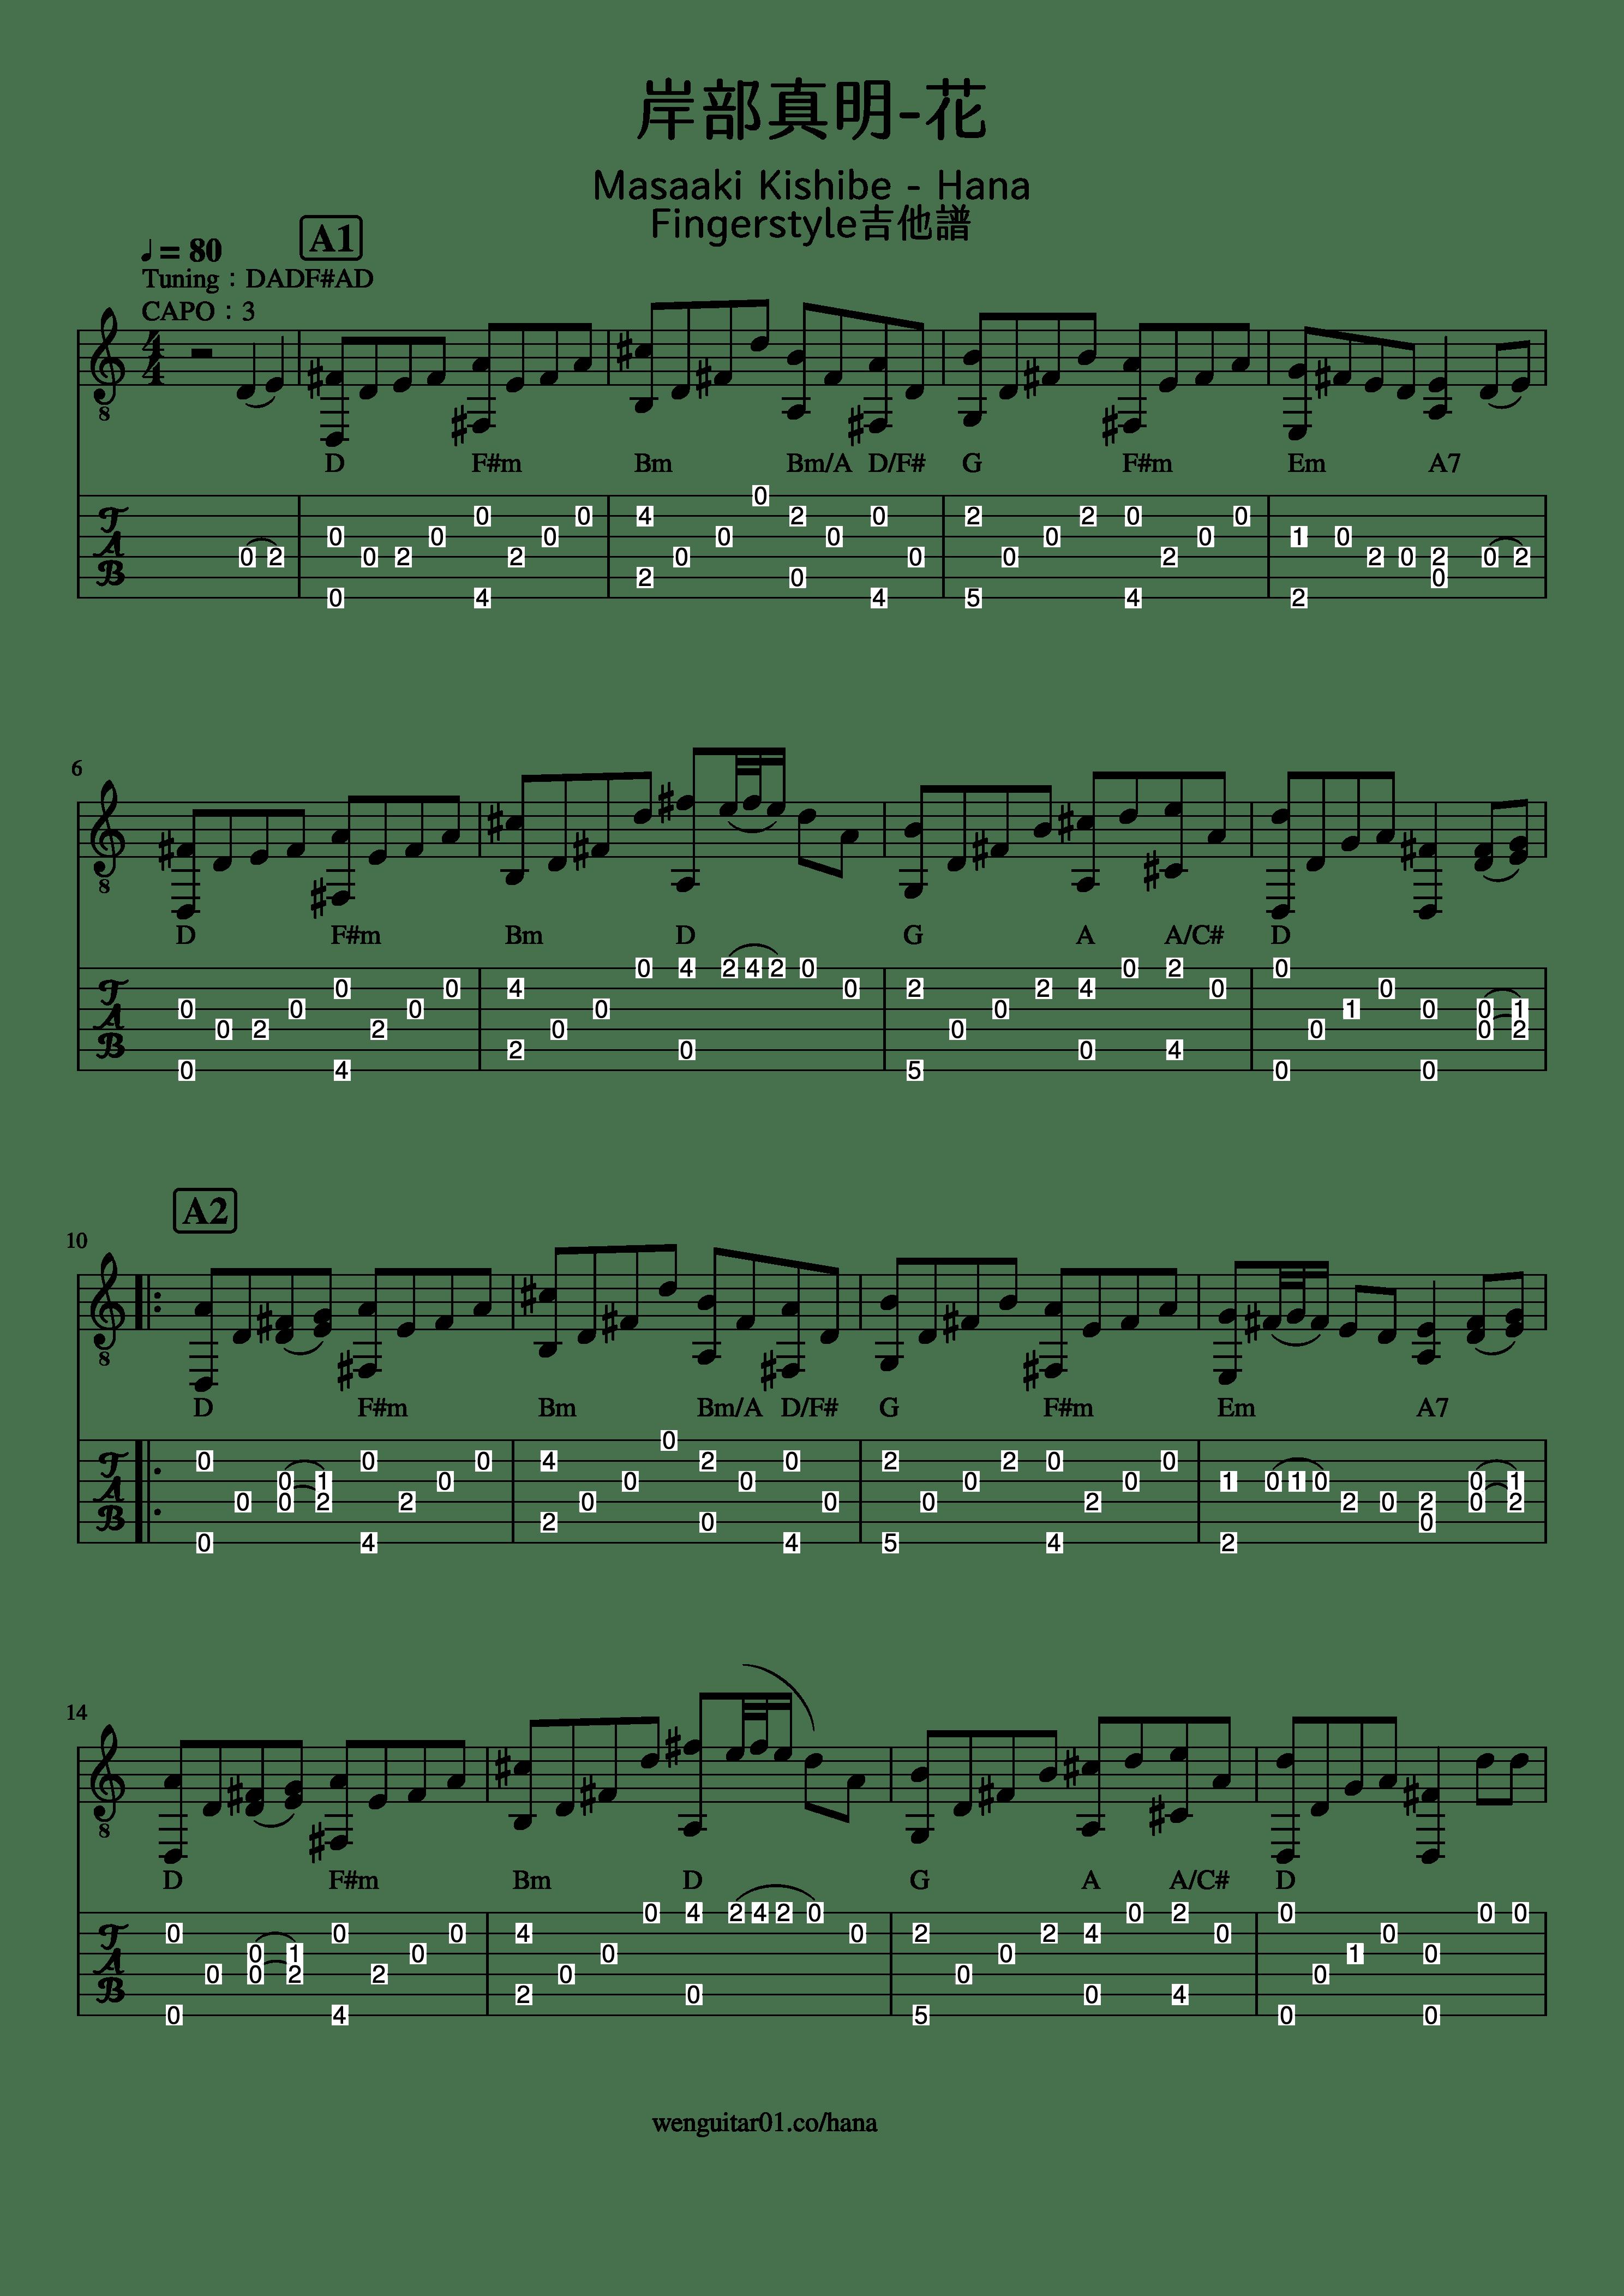 [吉他六線譜]岸部真明-花(Masaaki Kishibe - Flower/Hana) | Wen吉他誌